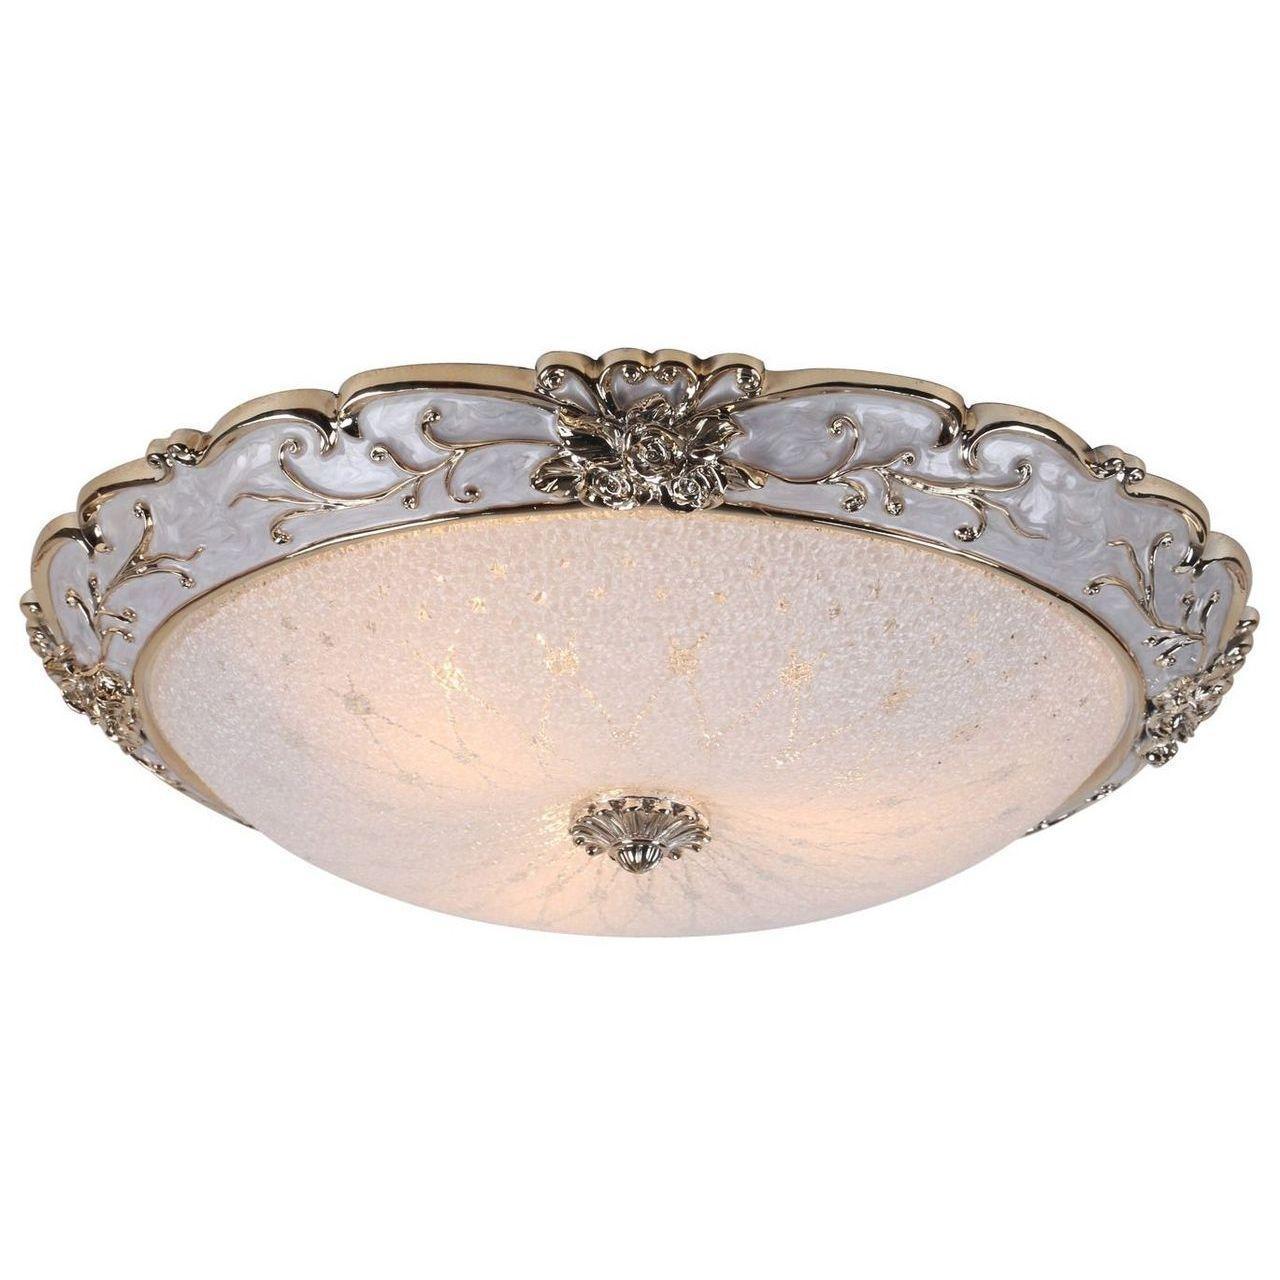 Потолочный светильник Arte Lamp Torta Lux A7135PL-3WH светильник потолочный arte lamp torta lux a7135pl 2wh 4650071251991